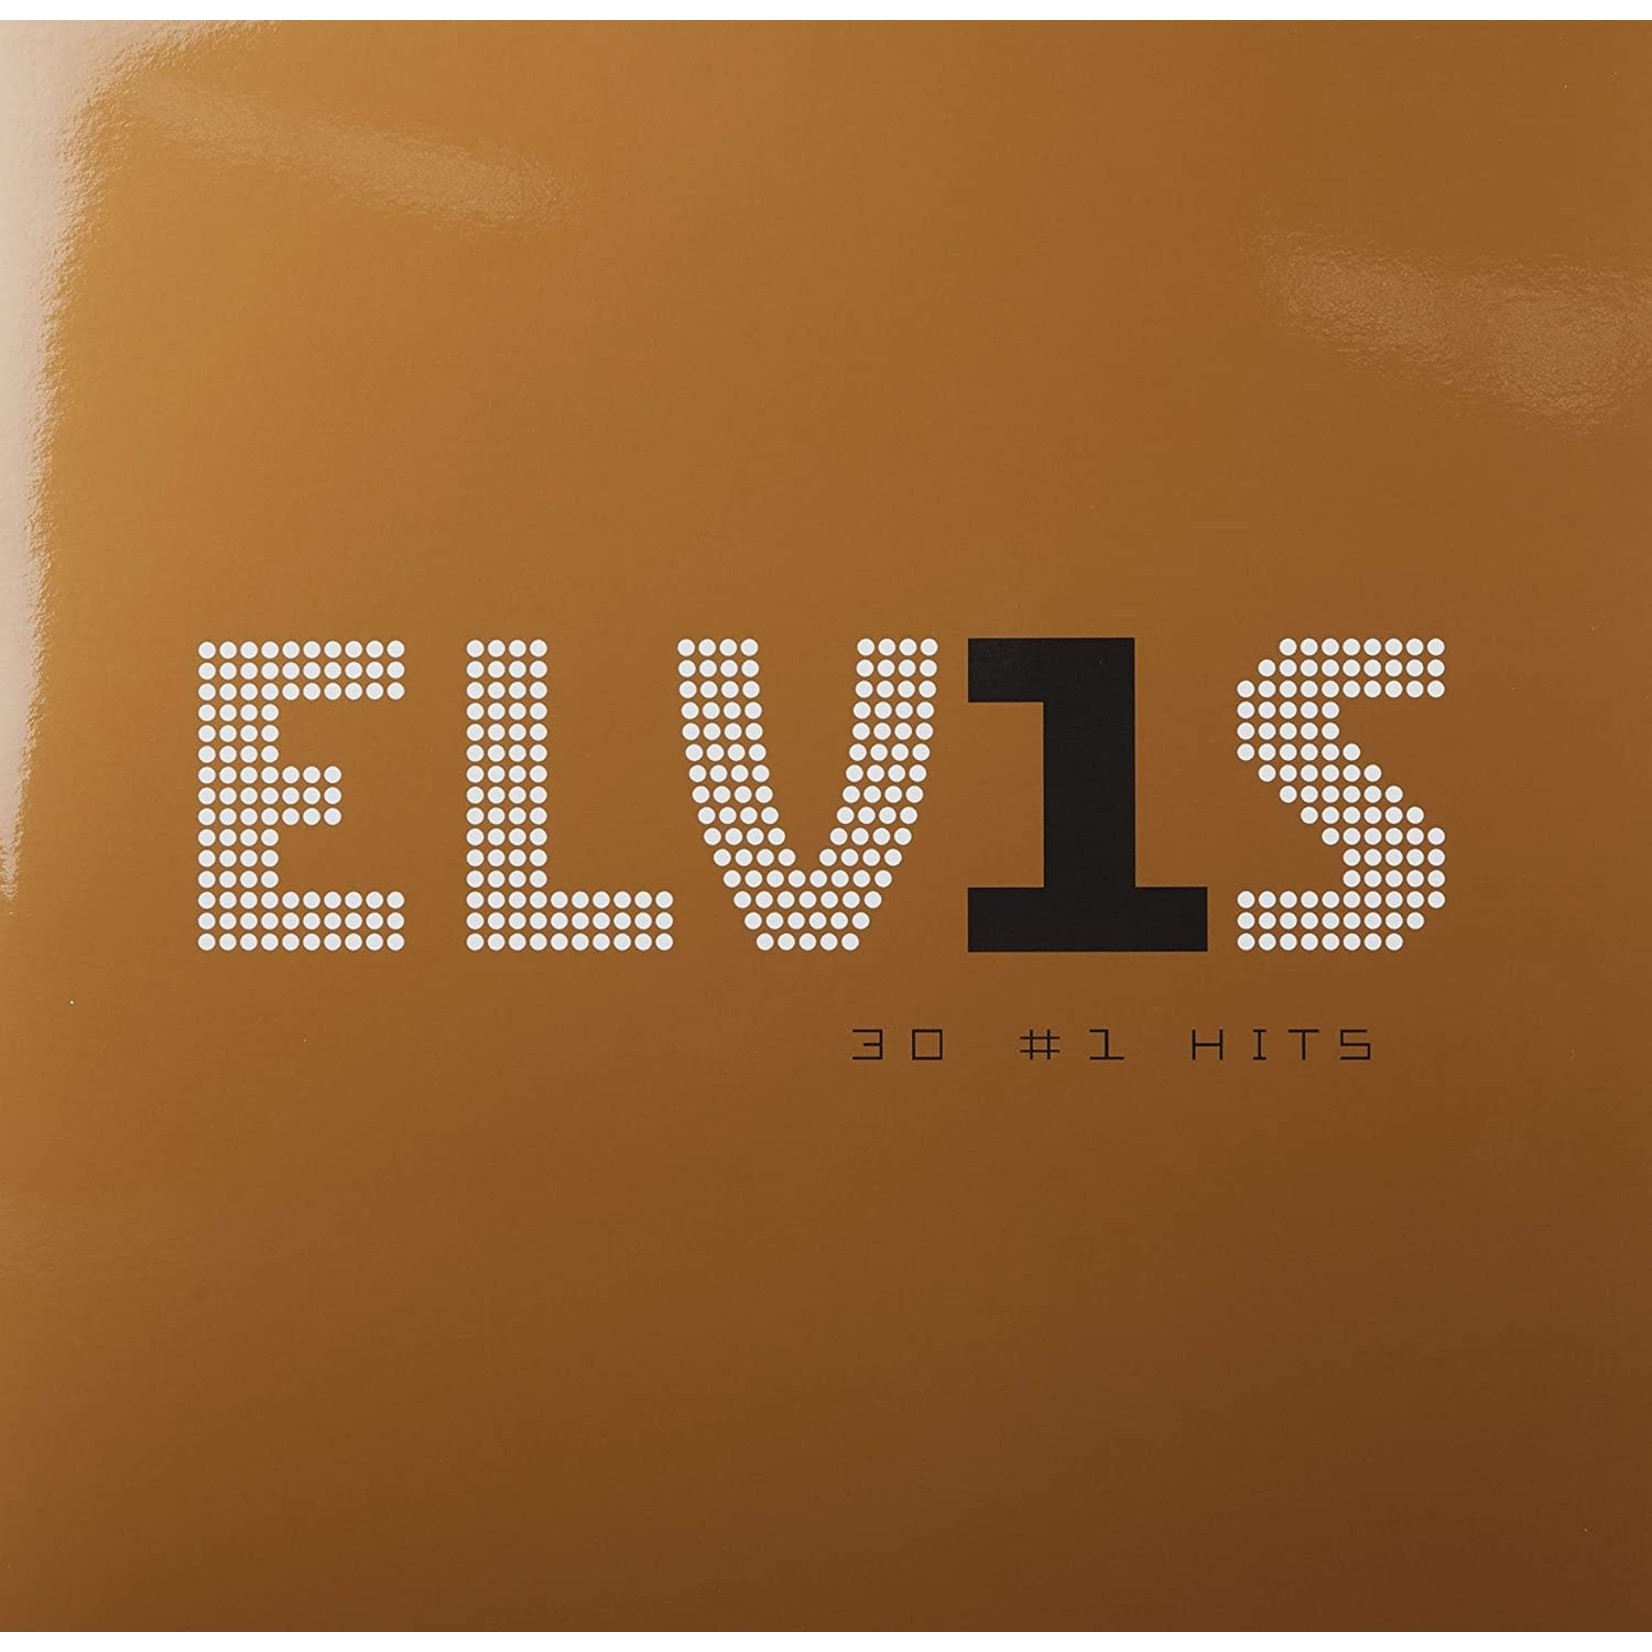 ELVIS PRESLEY ELVIS 30 #1 HITS (2LP)